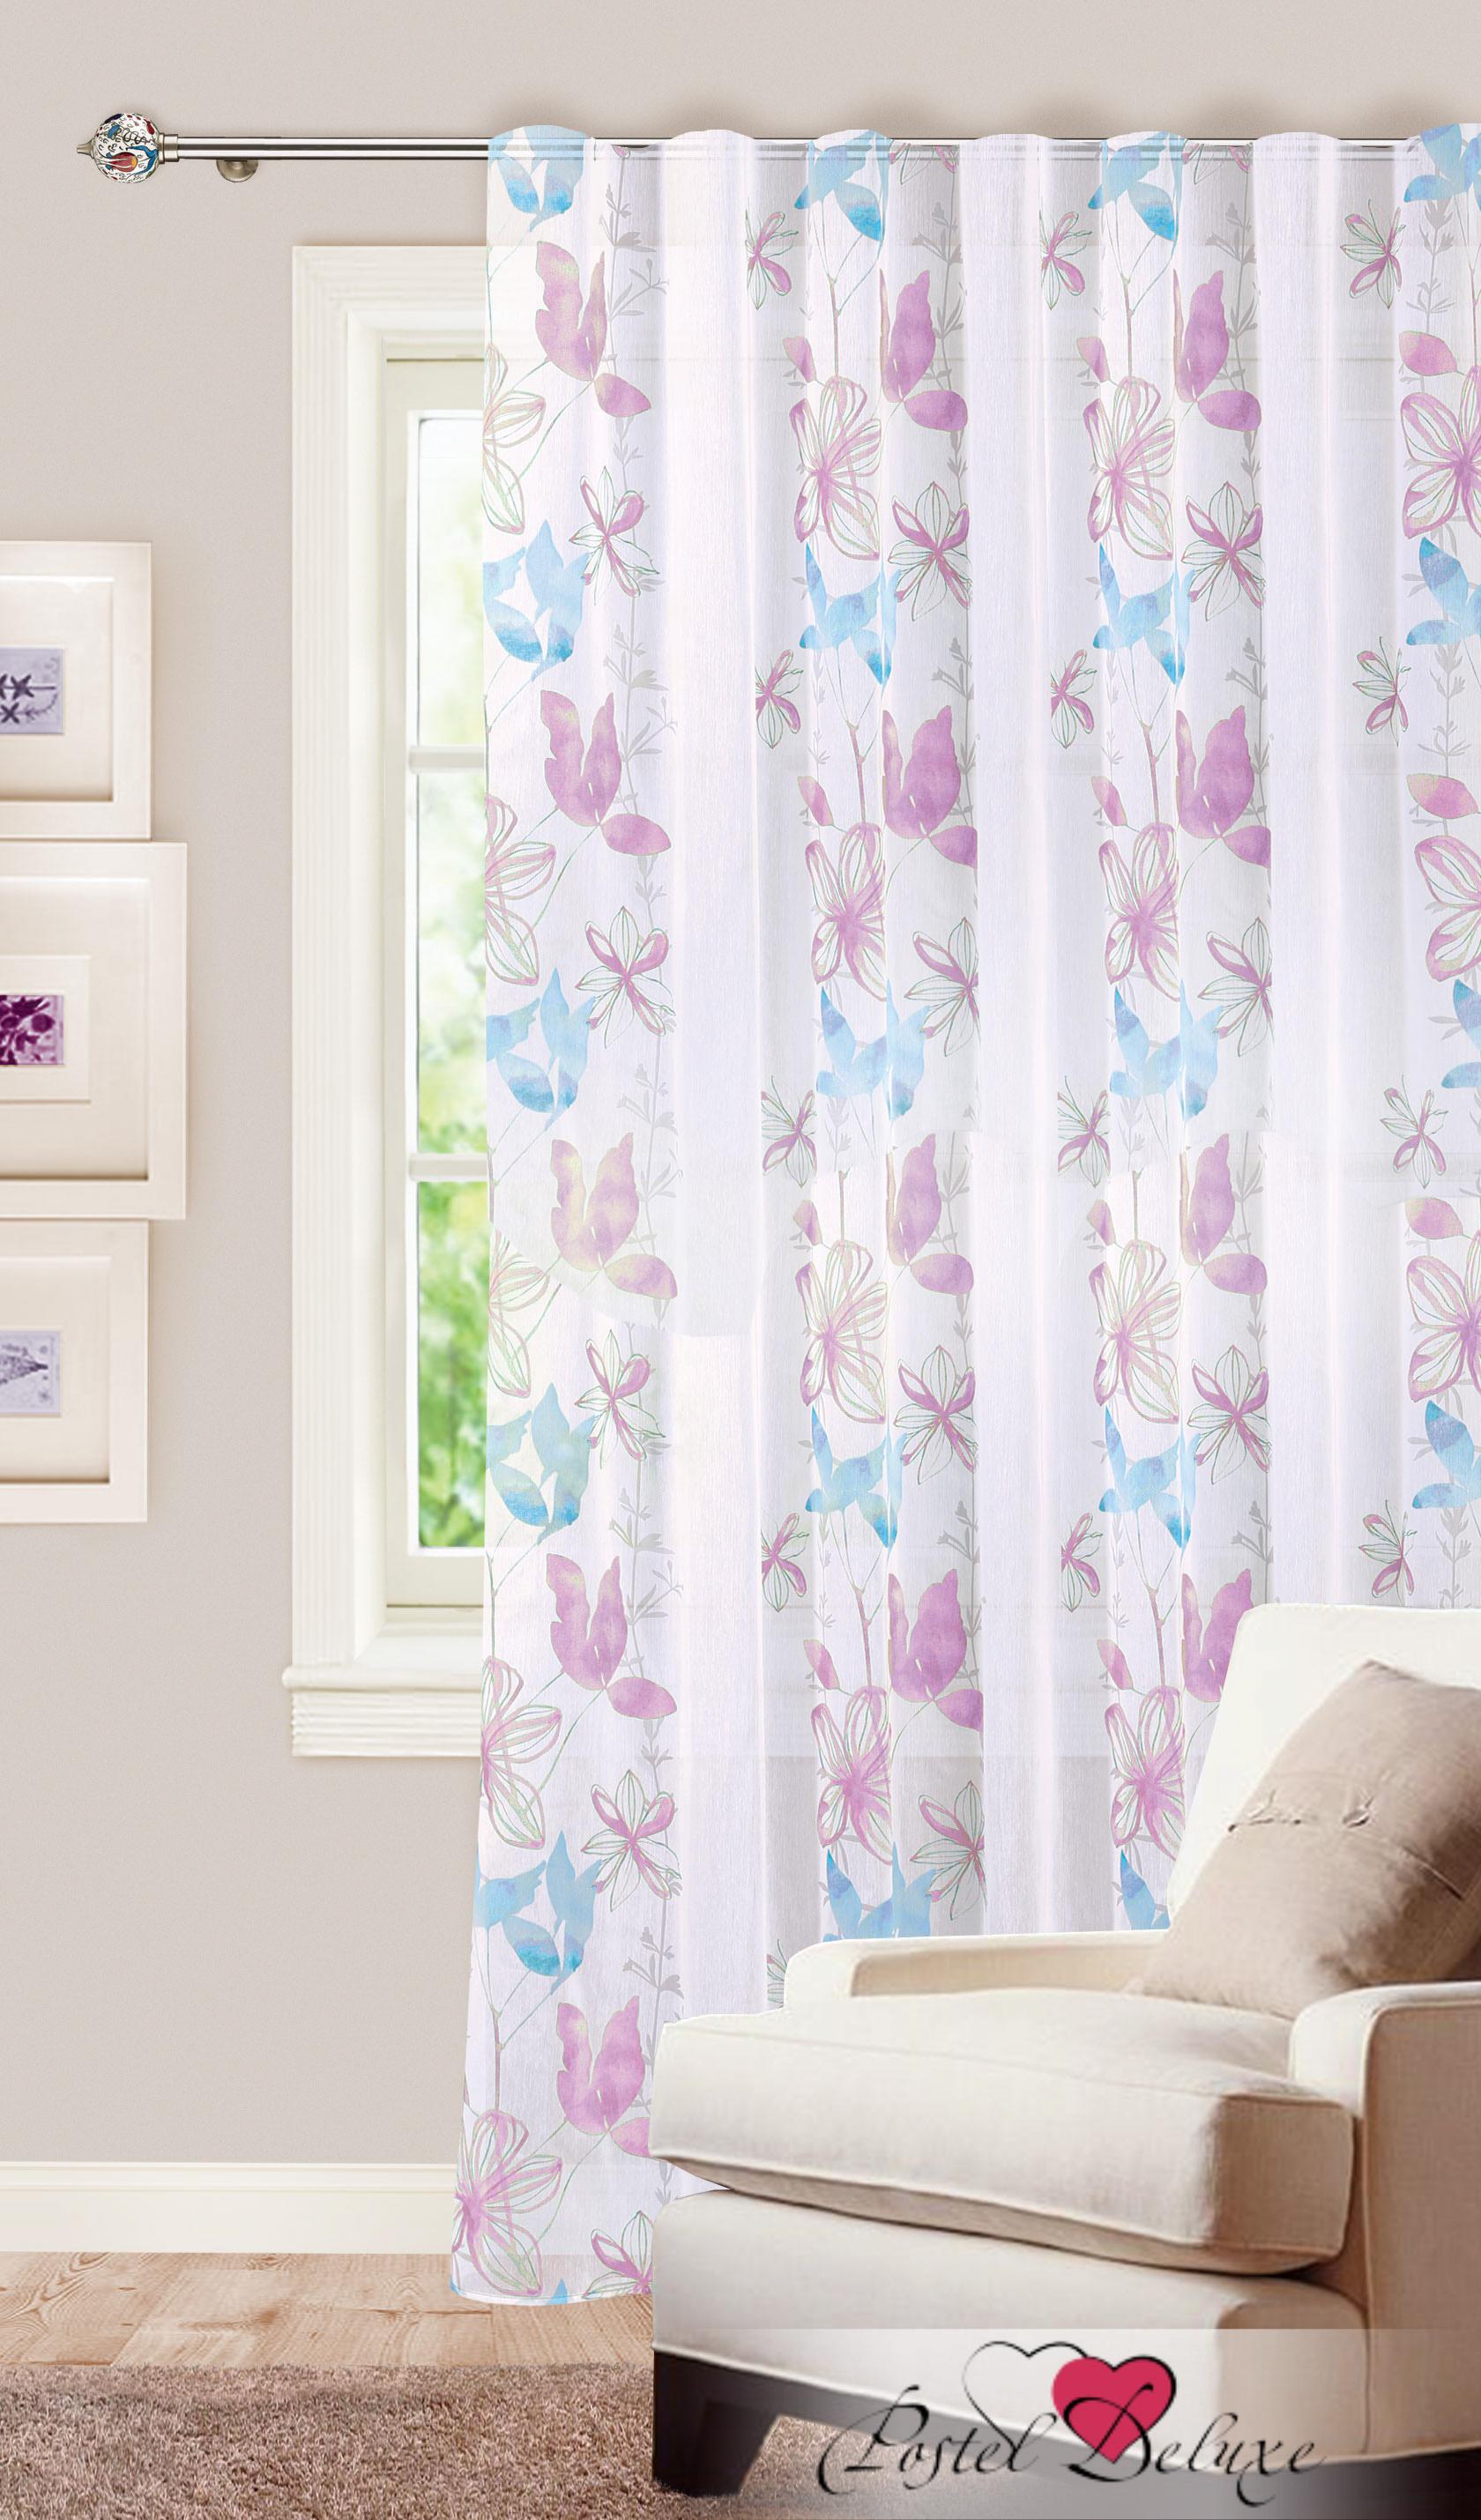 Шторы Garden Классические шторы Летняя Цвет: Бело-Сиренево-Голубой garden garden классические шторы букет цвет розовый голубой персиковый